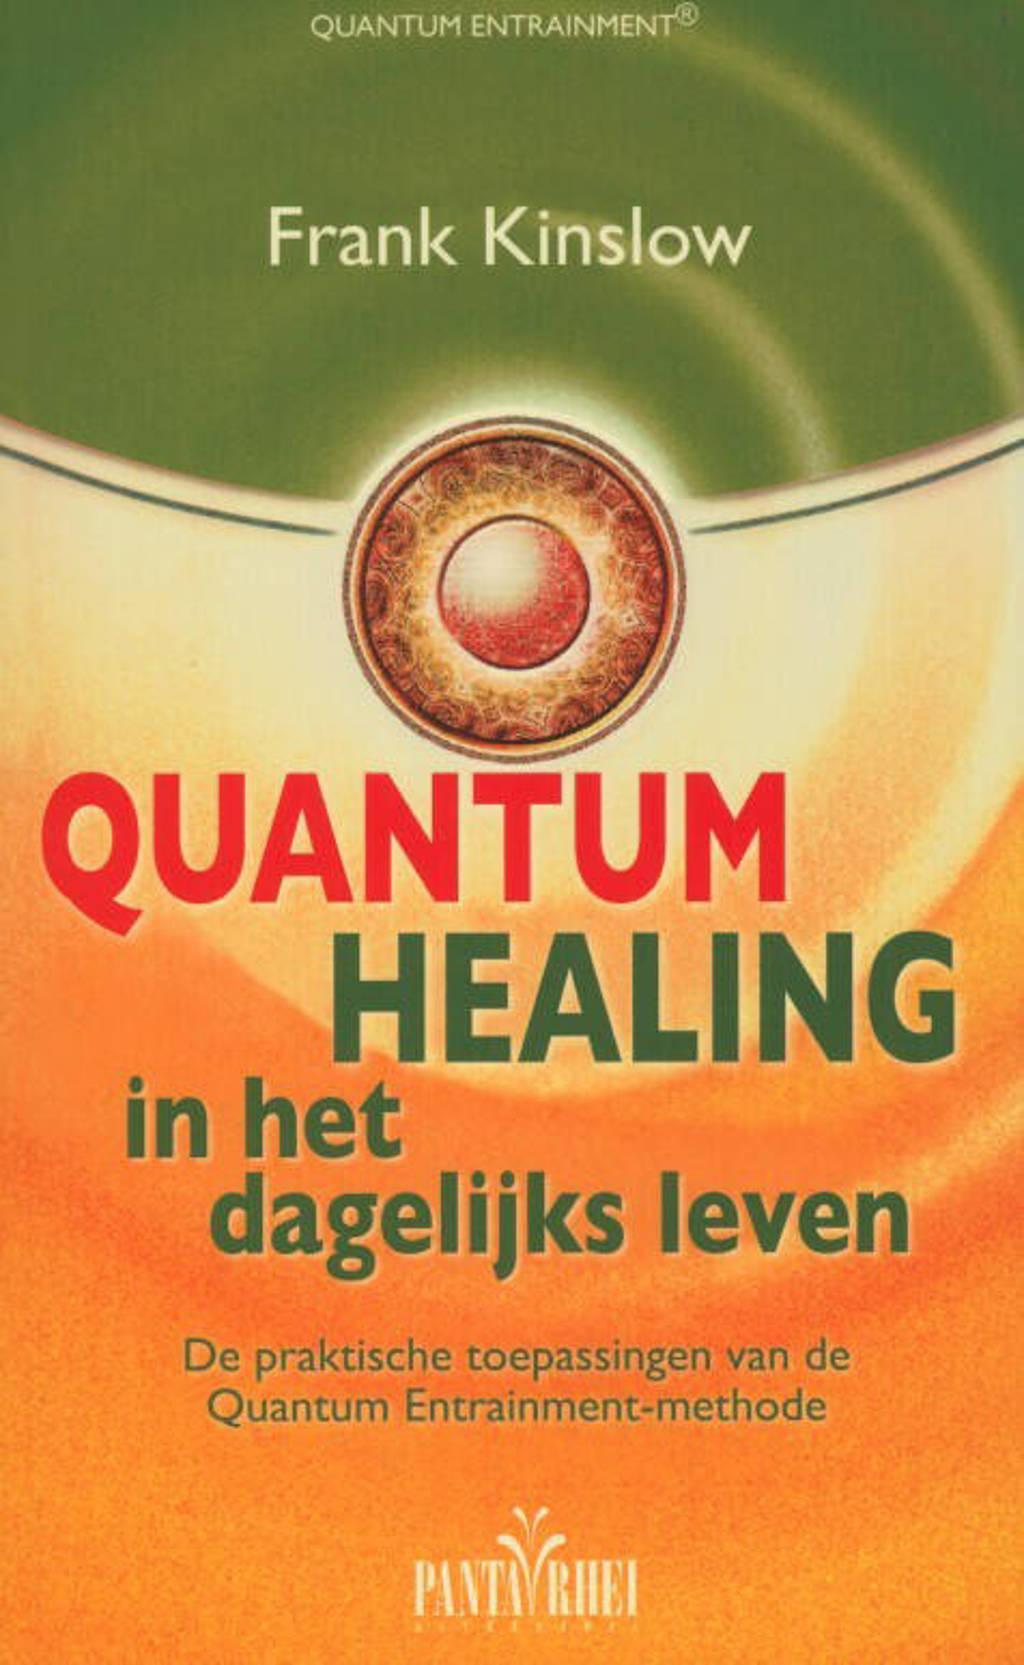 Quantum healing in het dagelijks leven - Frank Kinslow